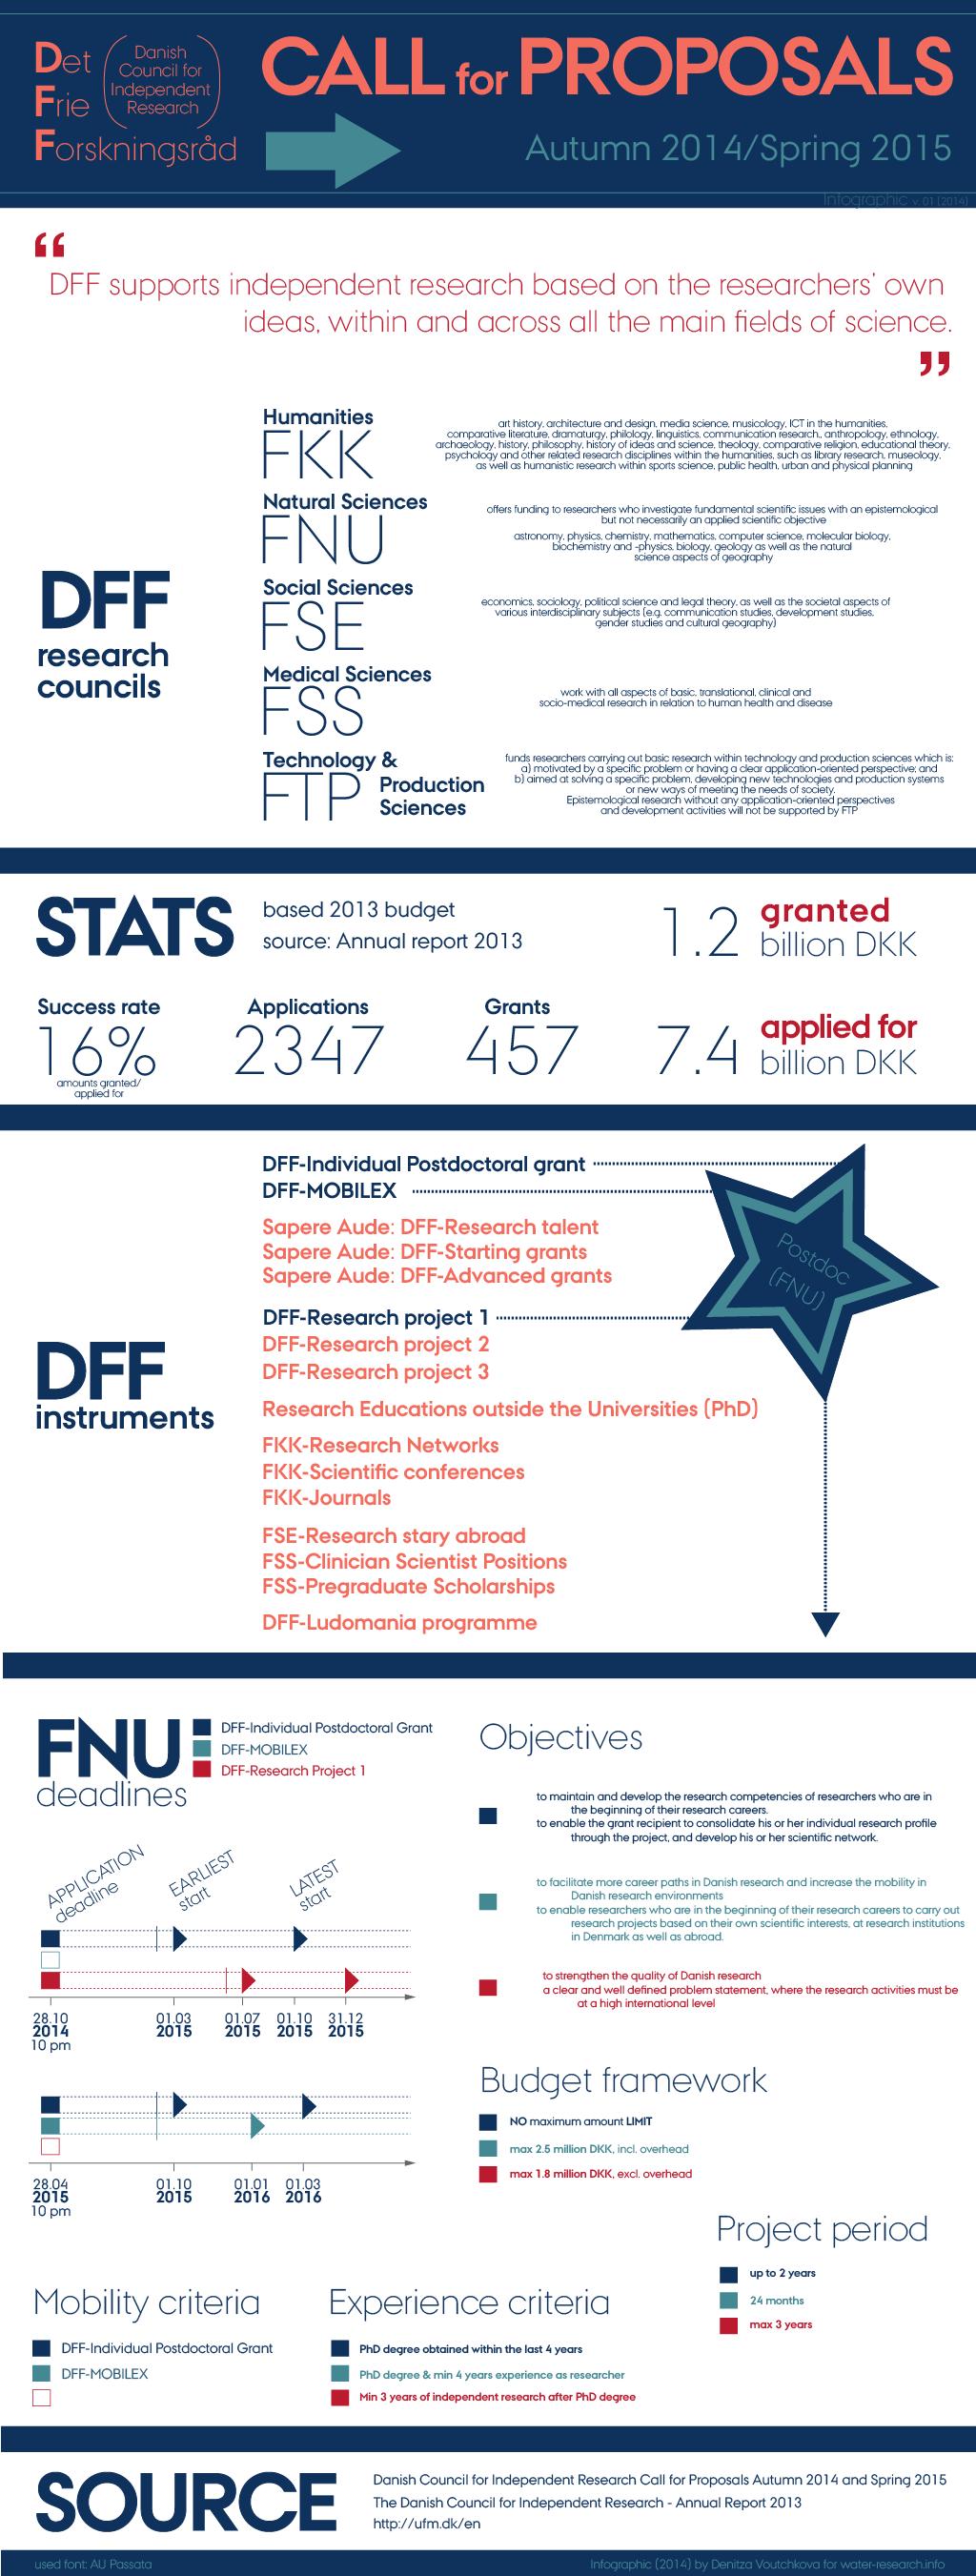 Funding opportunities: DFF